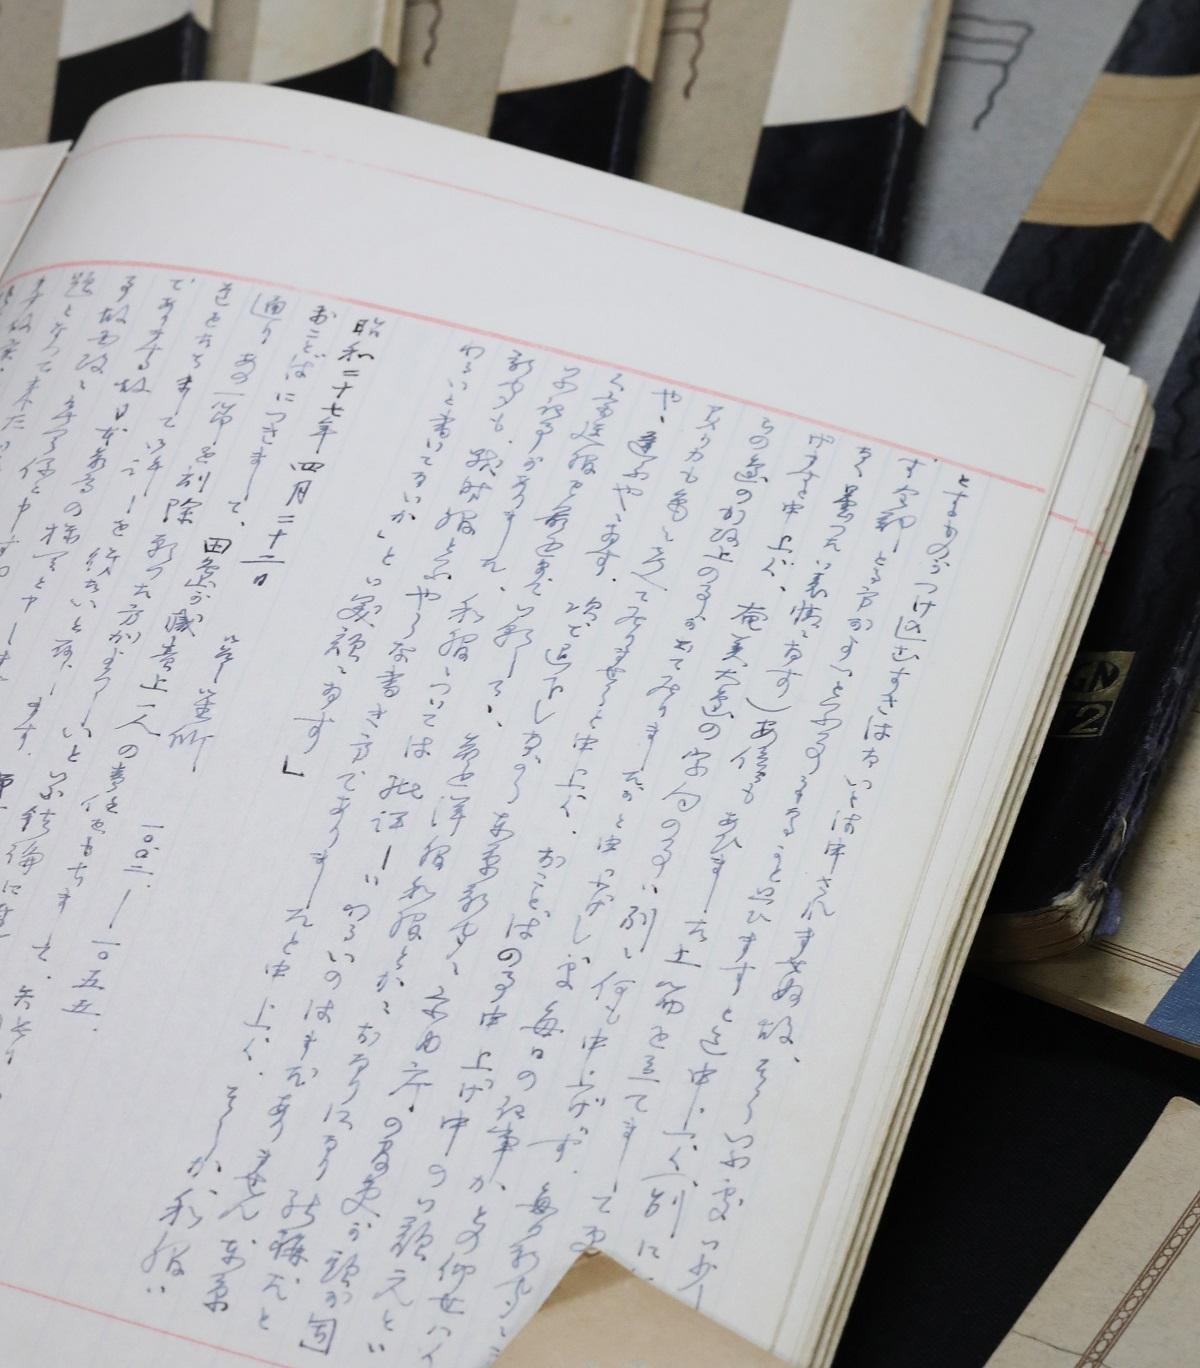 田島道治が昭和天皇とのやりとりを記した「拝謁(はいえつ)記」など。何冊ものノートや手帳にびっしりと書き込まれている=2019年8月19日午前、東京都渋谷区のNHK放送センター